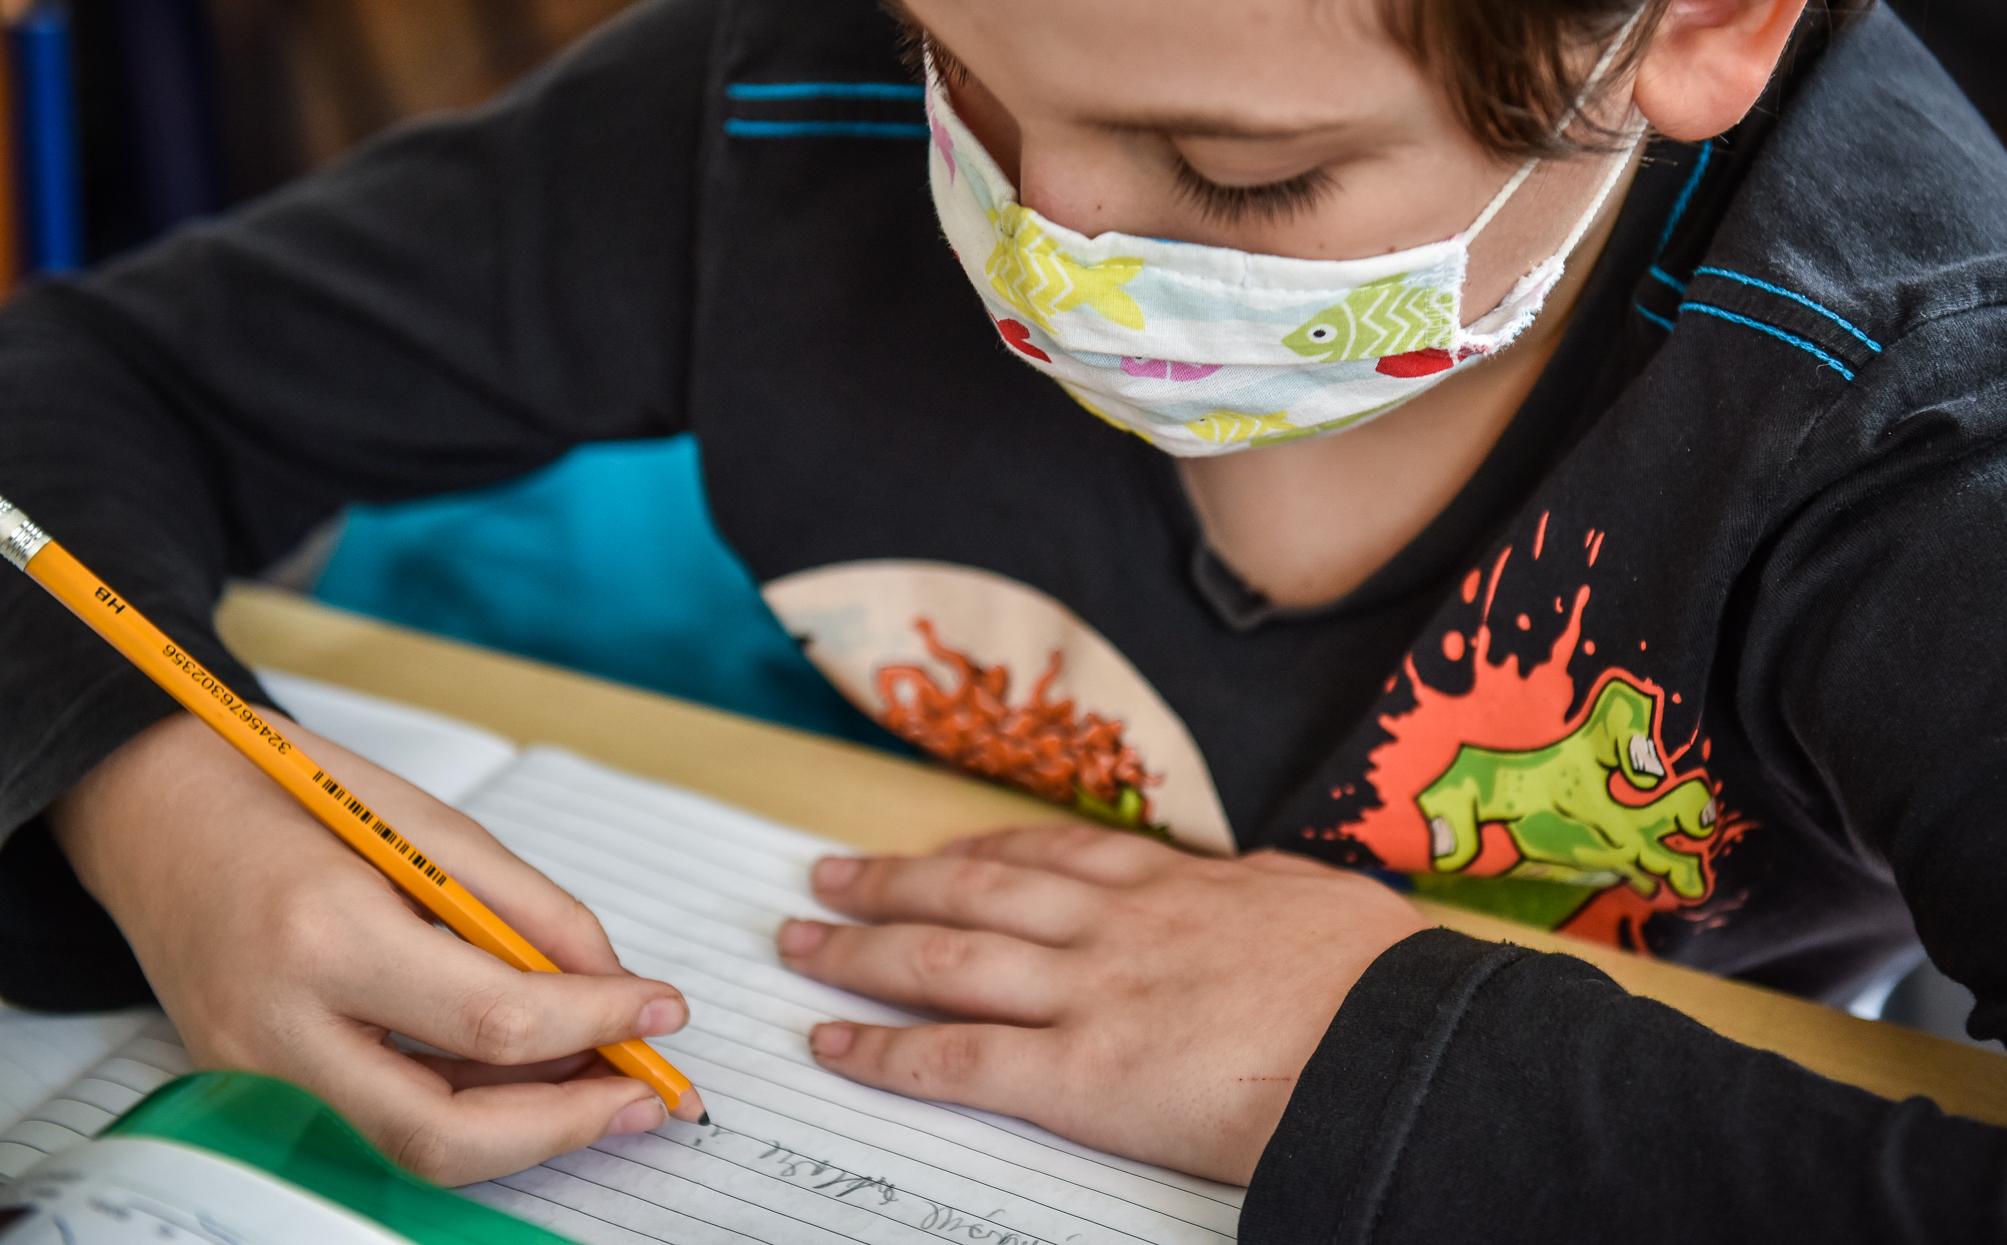 Șase elevi și un cadru didactic au fost testați pozitiv. Cursuri suspendate la școlile 18 și 8